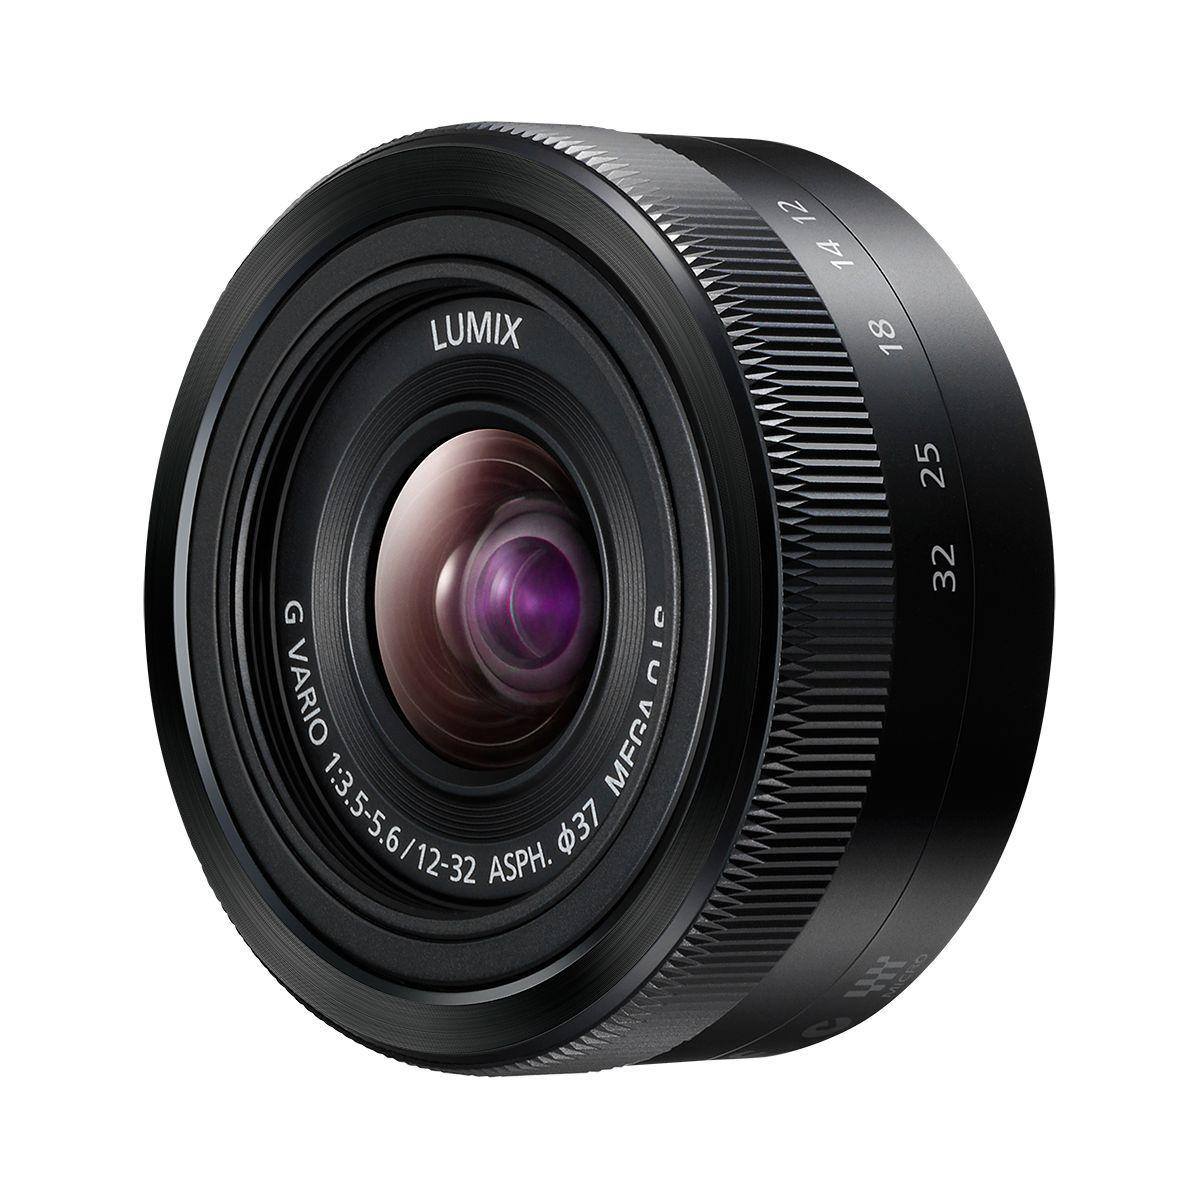 Objectif pour hybride panasonic 12-32mm noir f3.5-5.6 asph